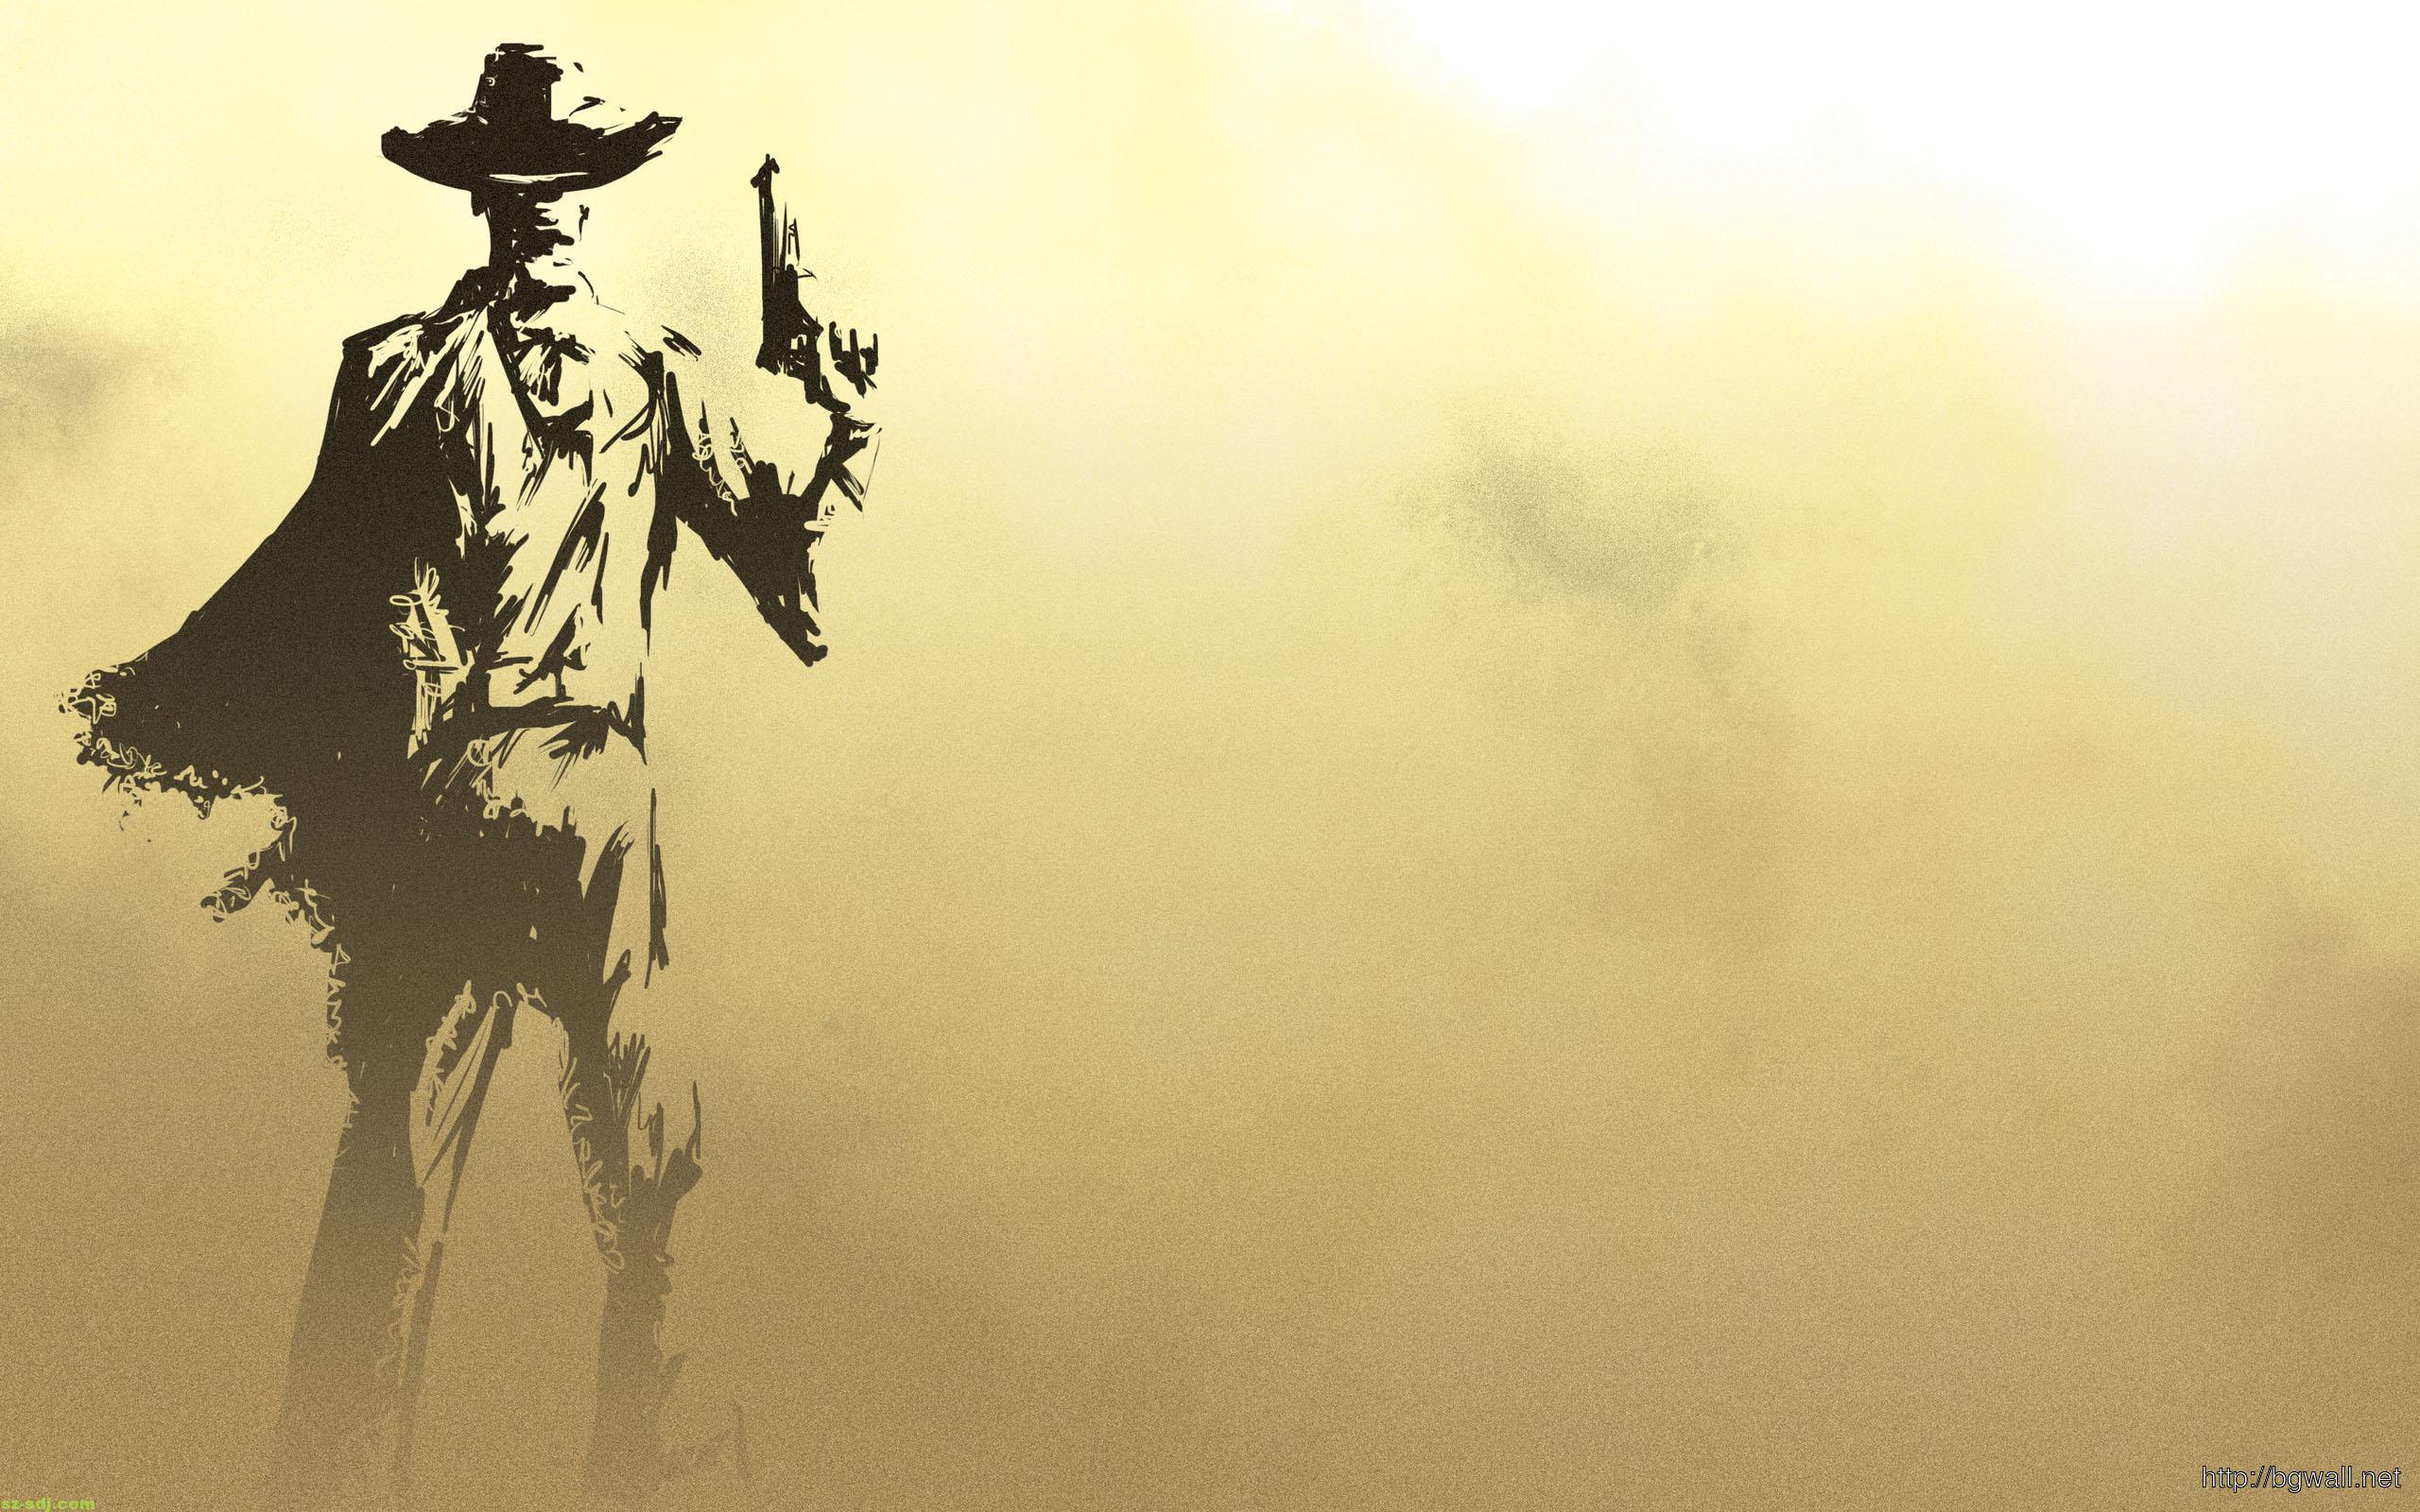 cowboy-art-wallpaper-high-resolution